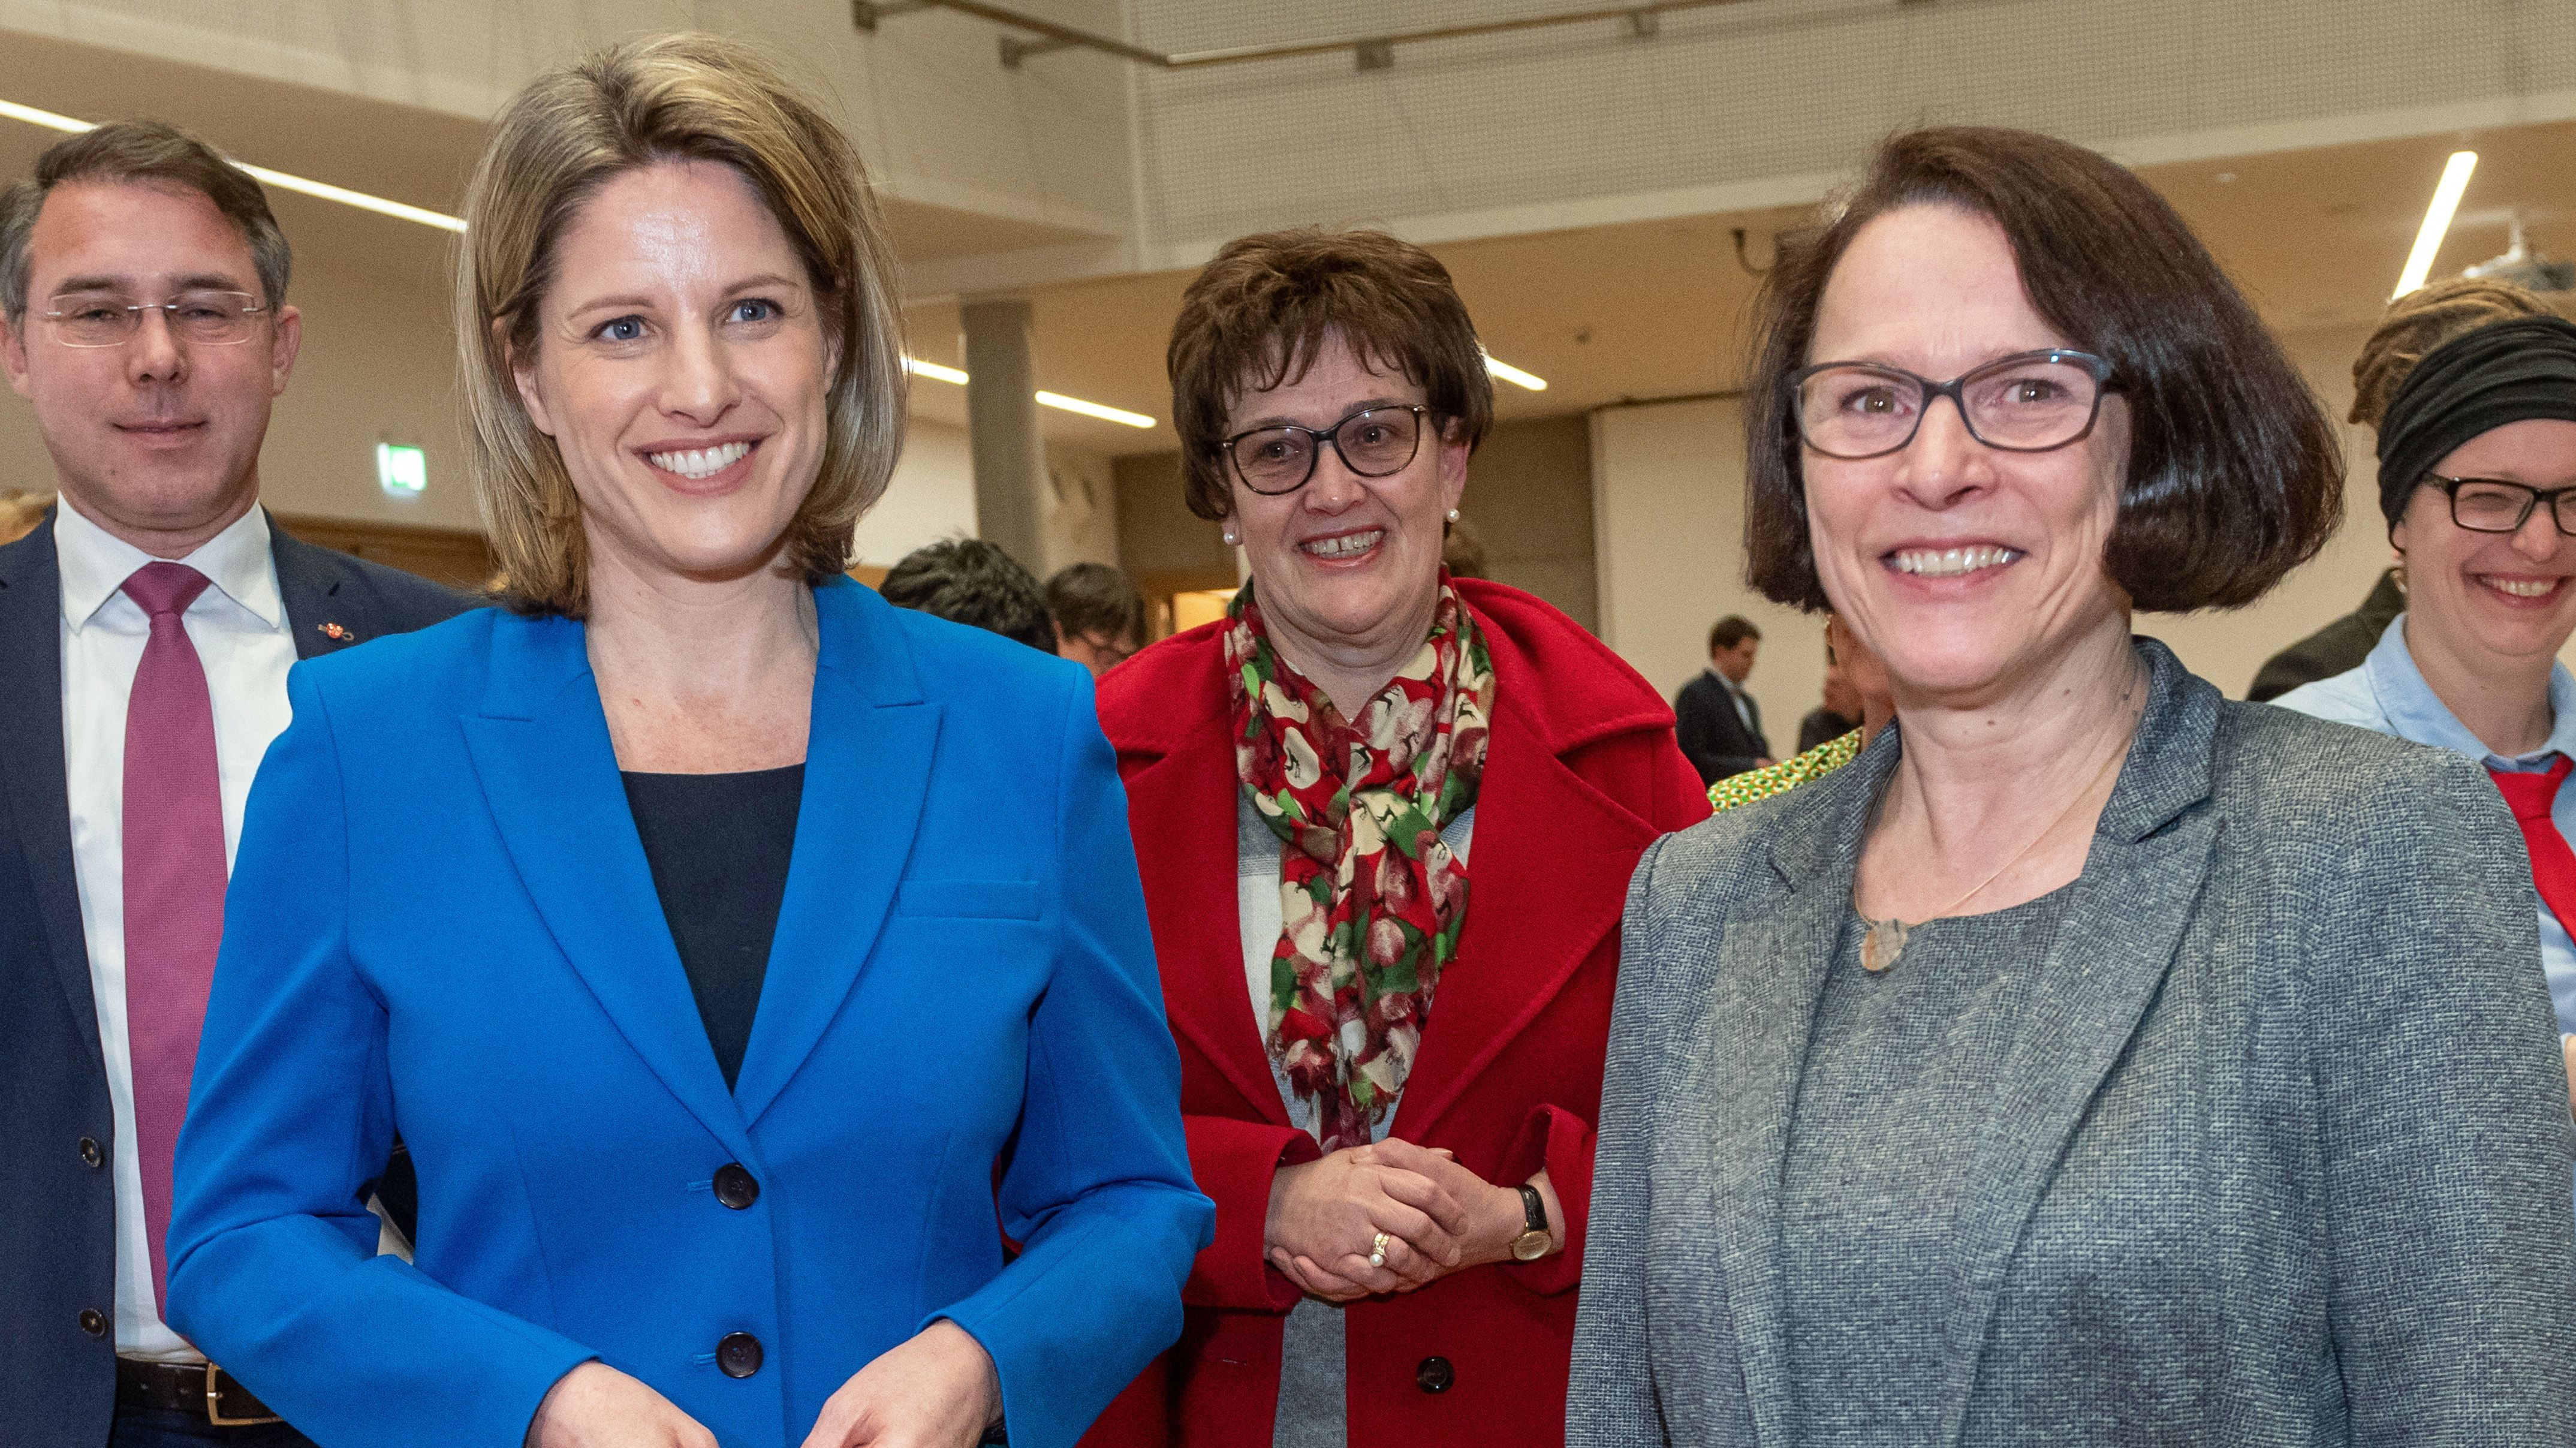 Wer wird neue Oberbürgermeisterin von Regensburg? CSU-Kandidatin Astrid Freudenstein oder Bürgermeisterin Gertrud Maltz-Schwarzfischer (SPD)